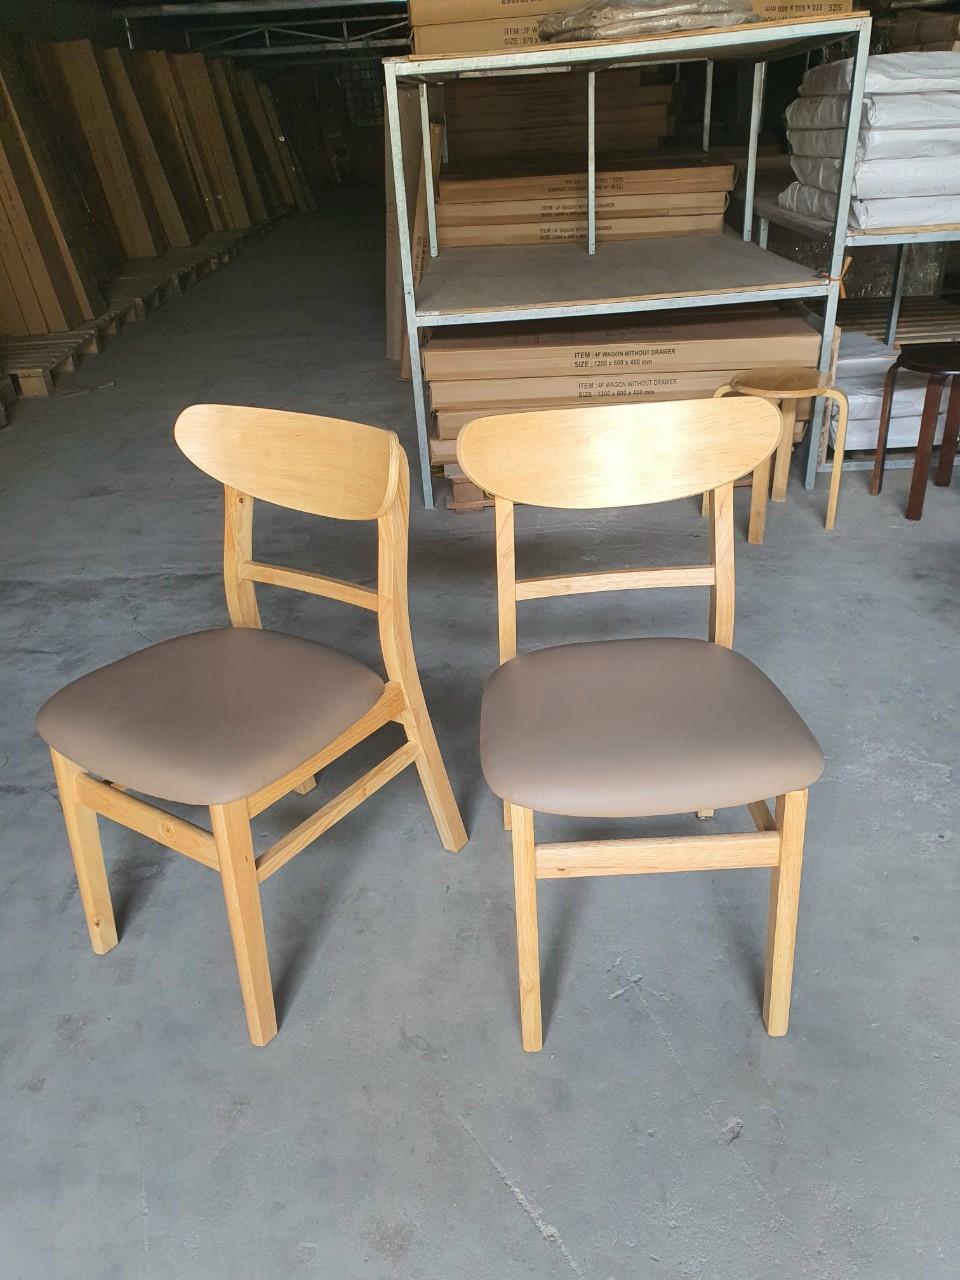 mẫu ghế ăn đang bán chạy nhất hiện nay